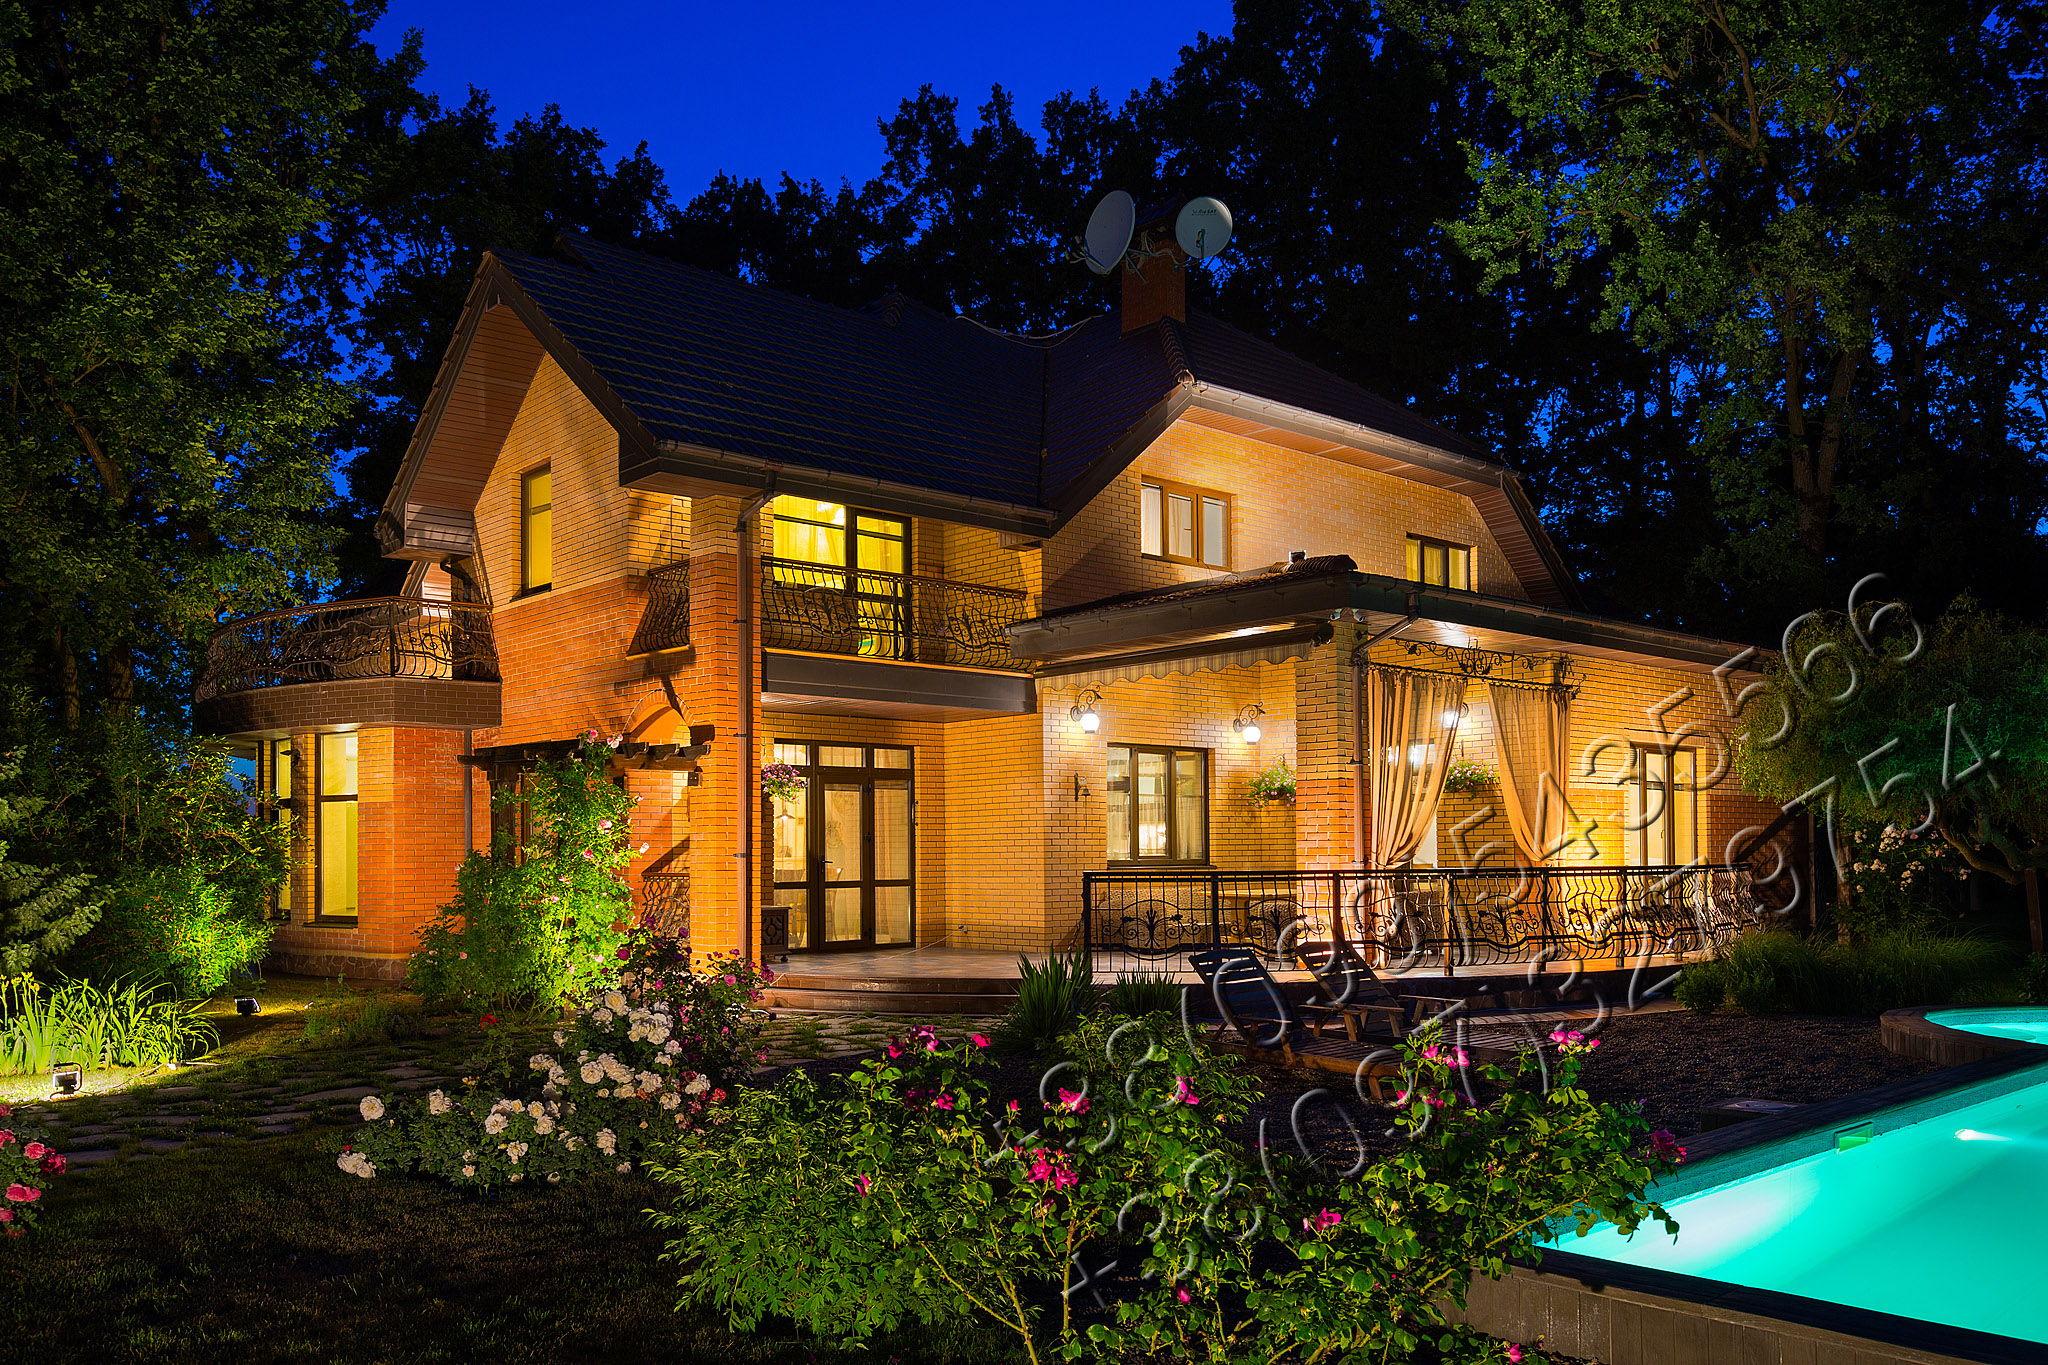 Дом W-4261812, Романков - Фото 1